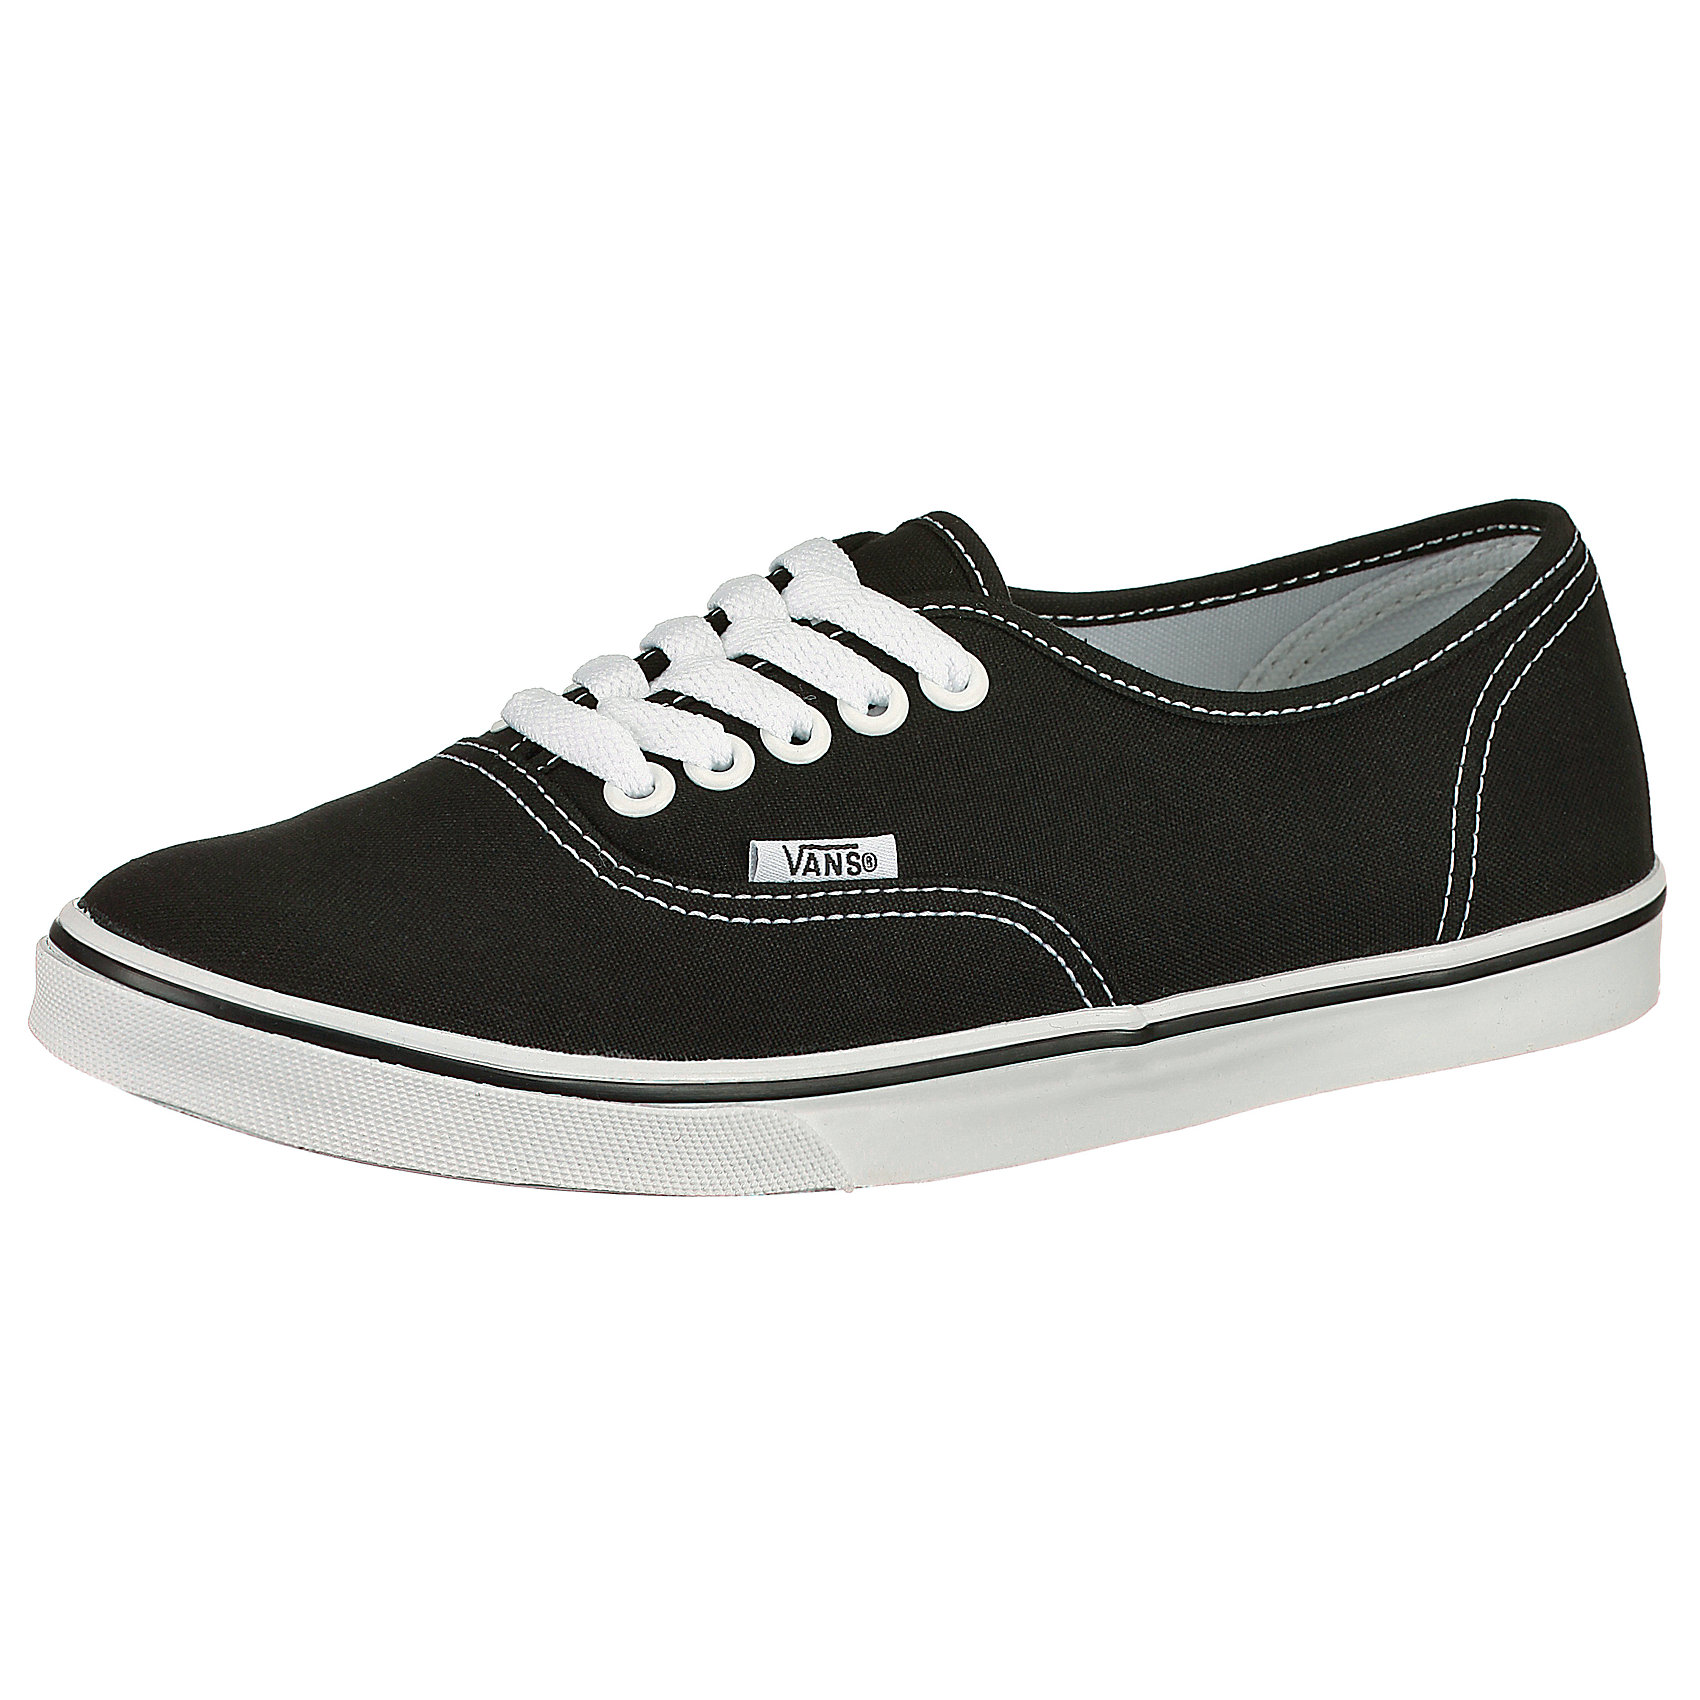 Details zu Neu VANS Authentic Lo Pro Sneakers 5009540 für Damen schwarz dunkelblau